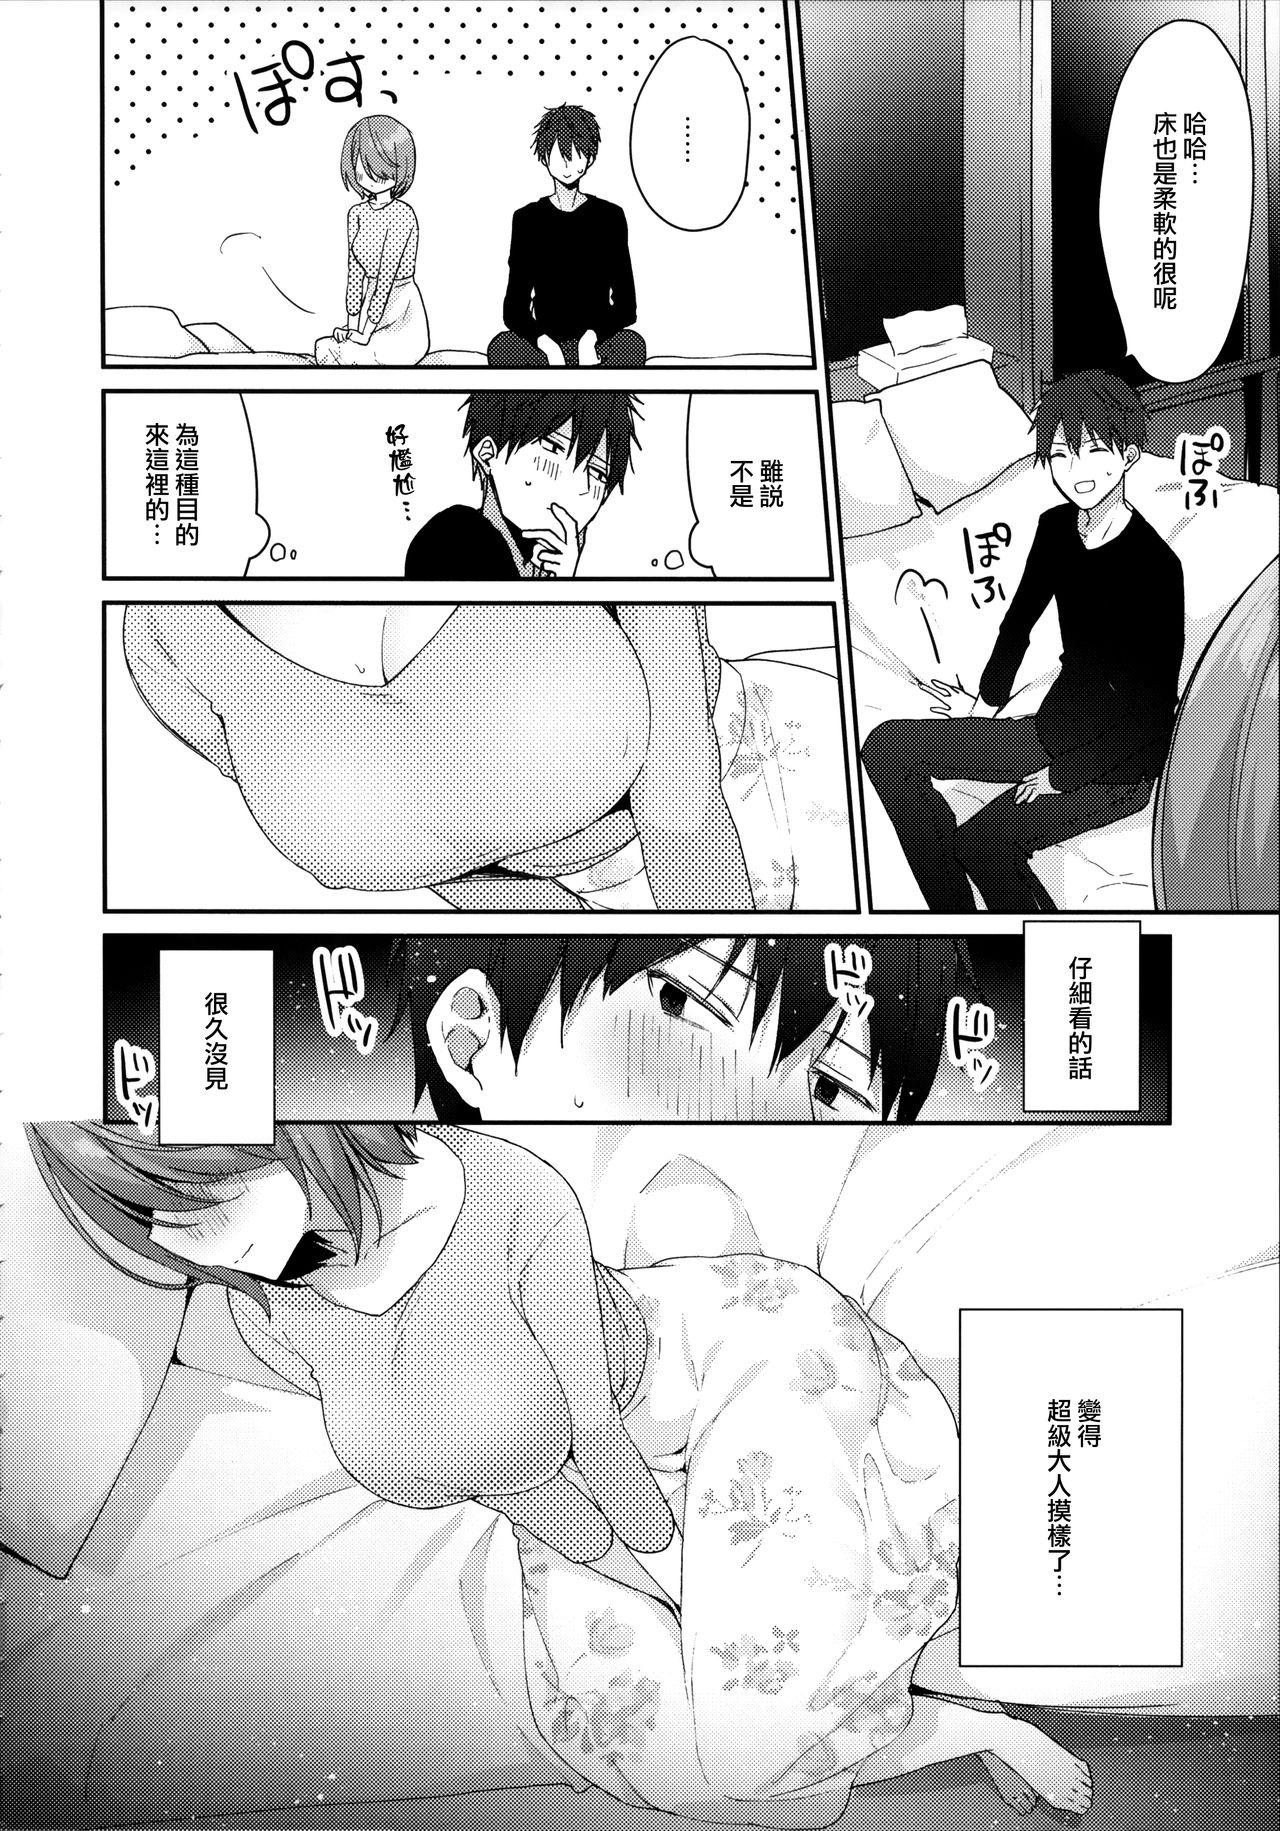 Otonshikatta Motokano ga Ecchi ni Sekkyokuteki sugiru. 9